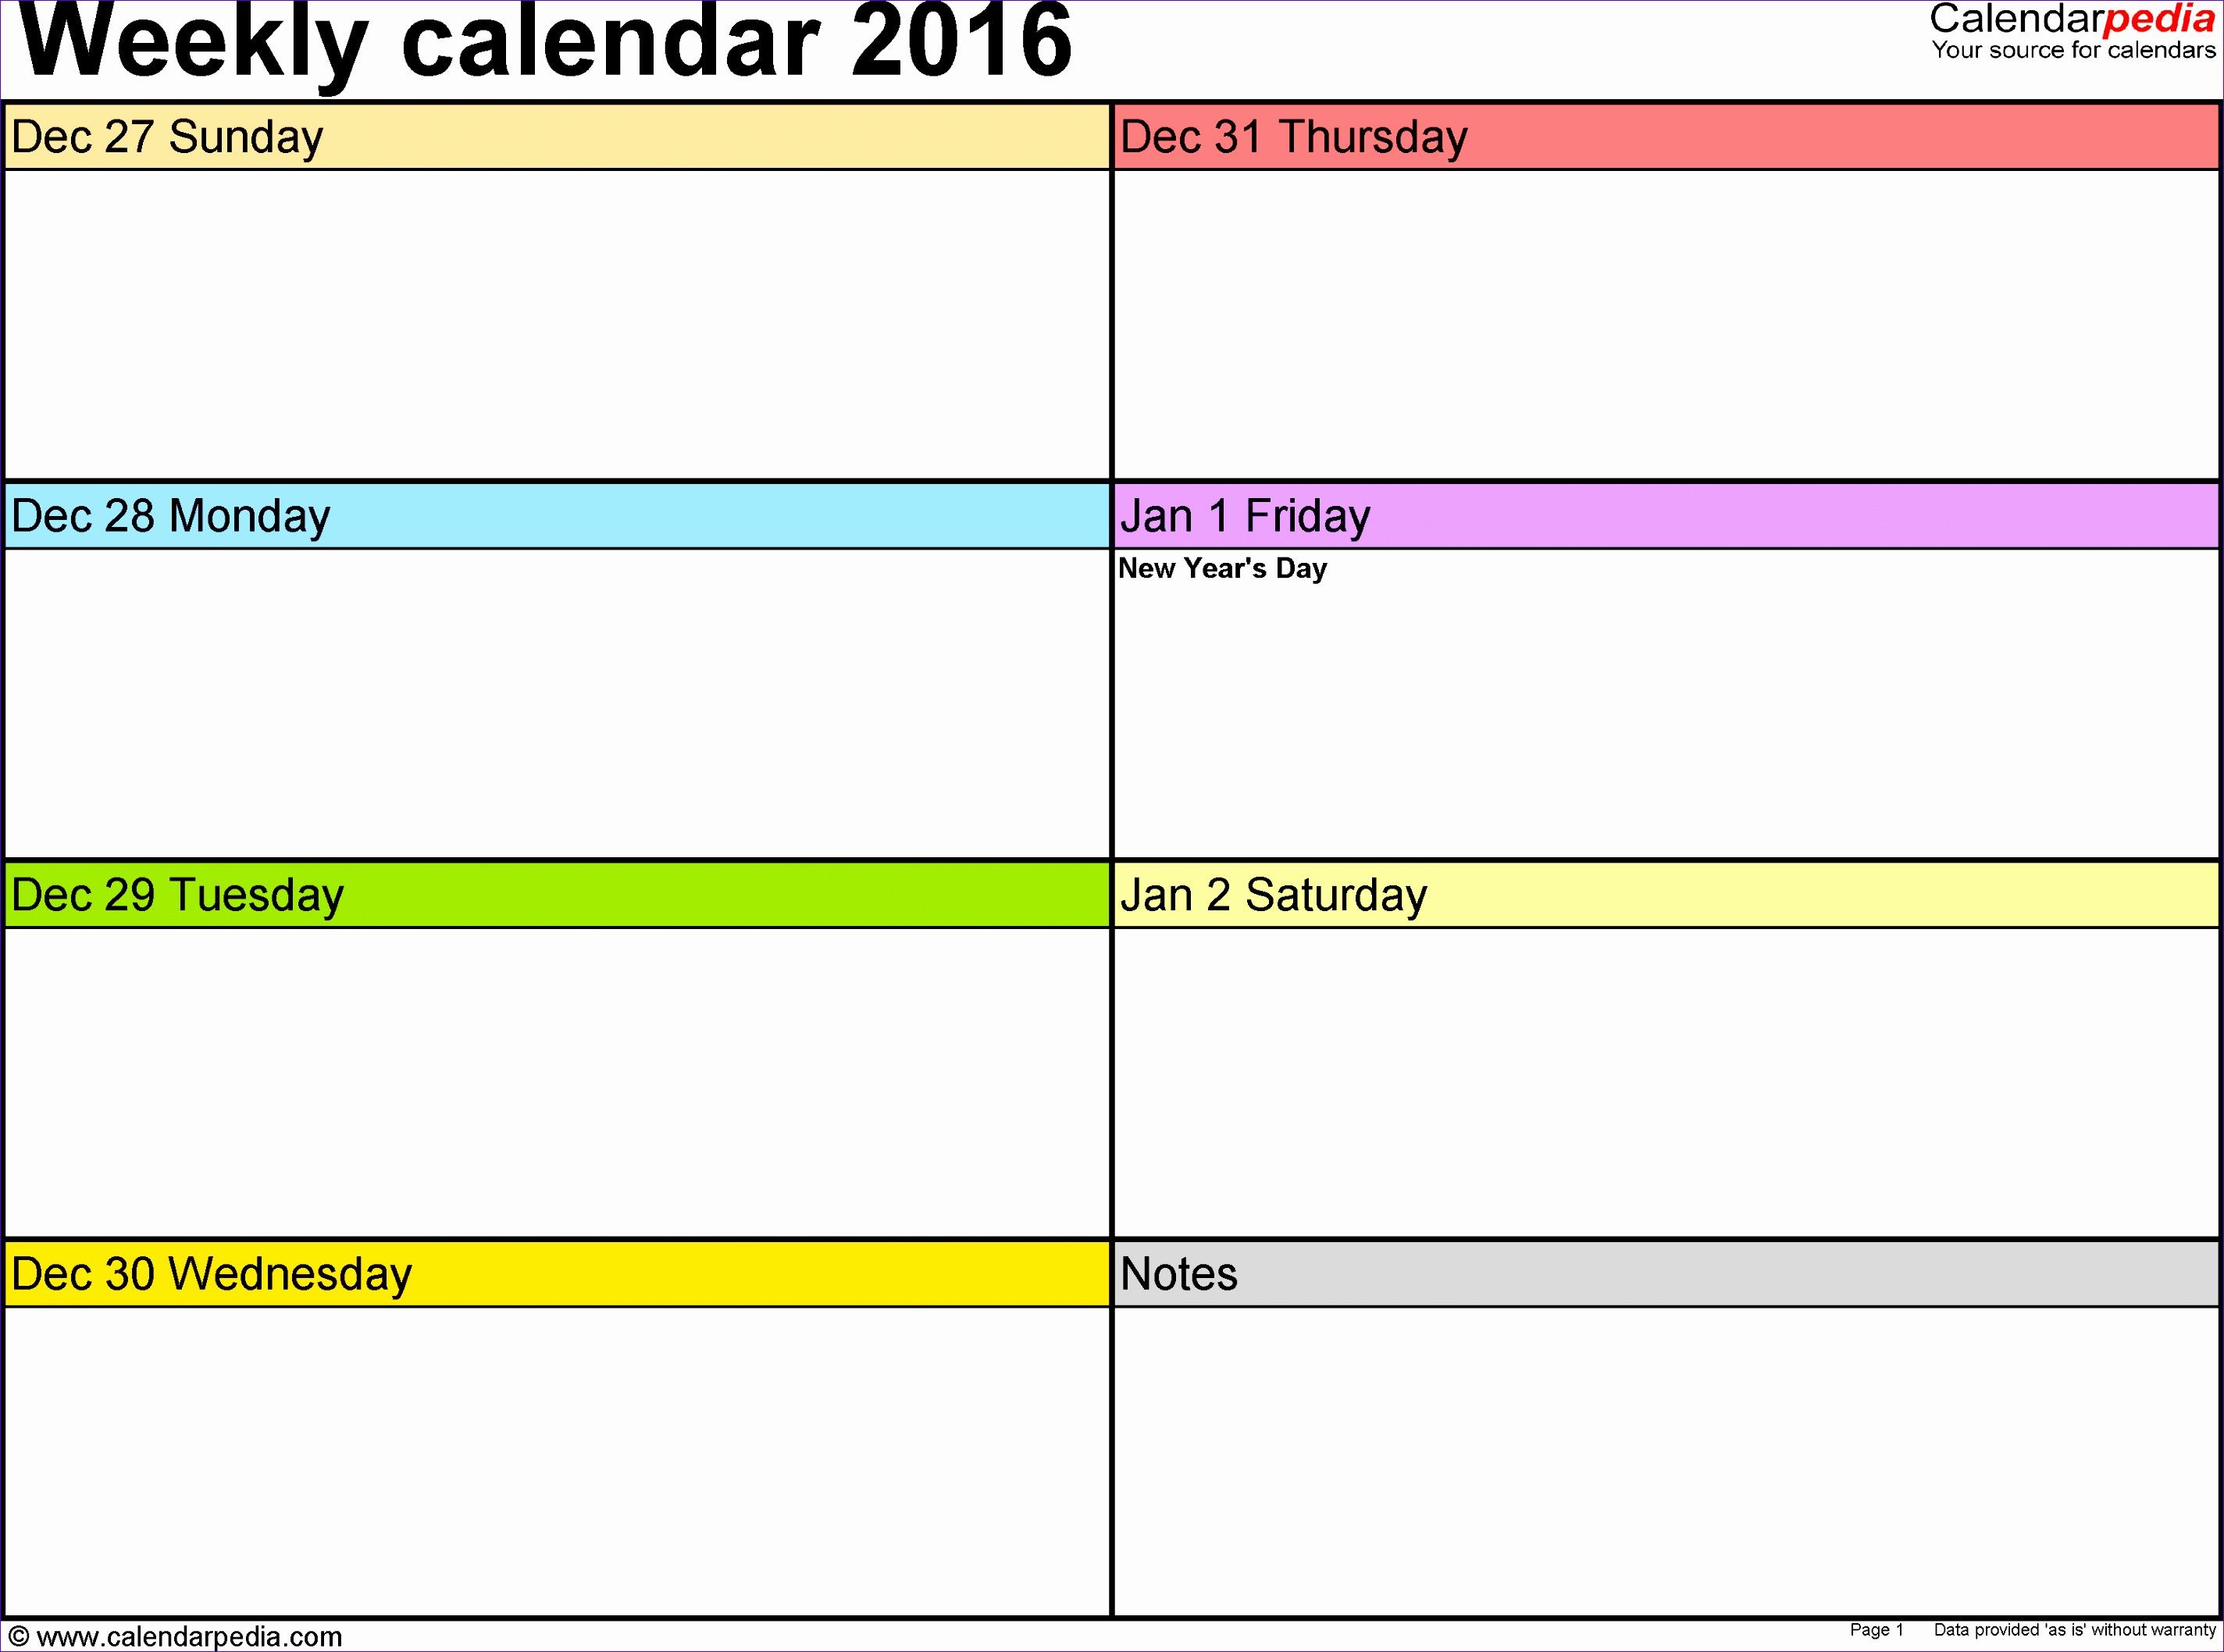 weekly calendar 2016